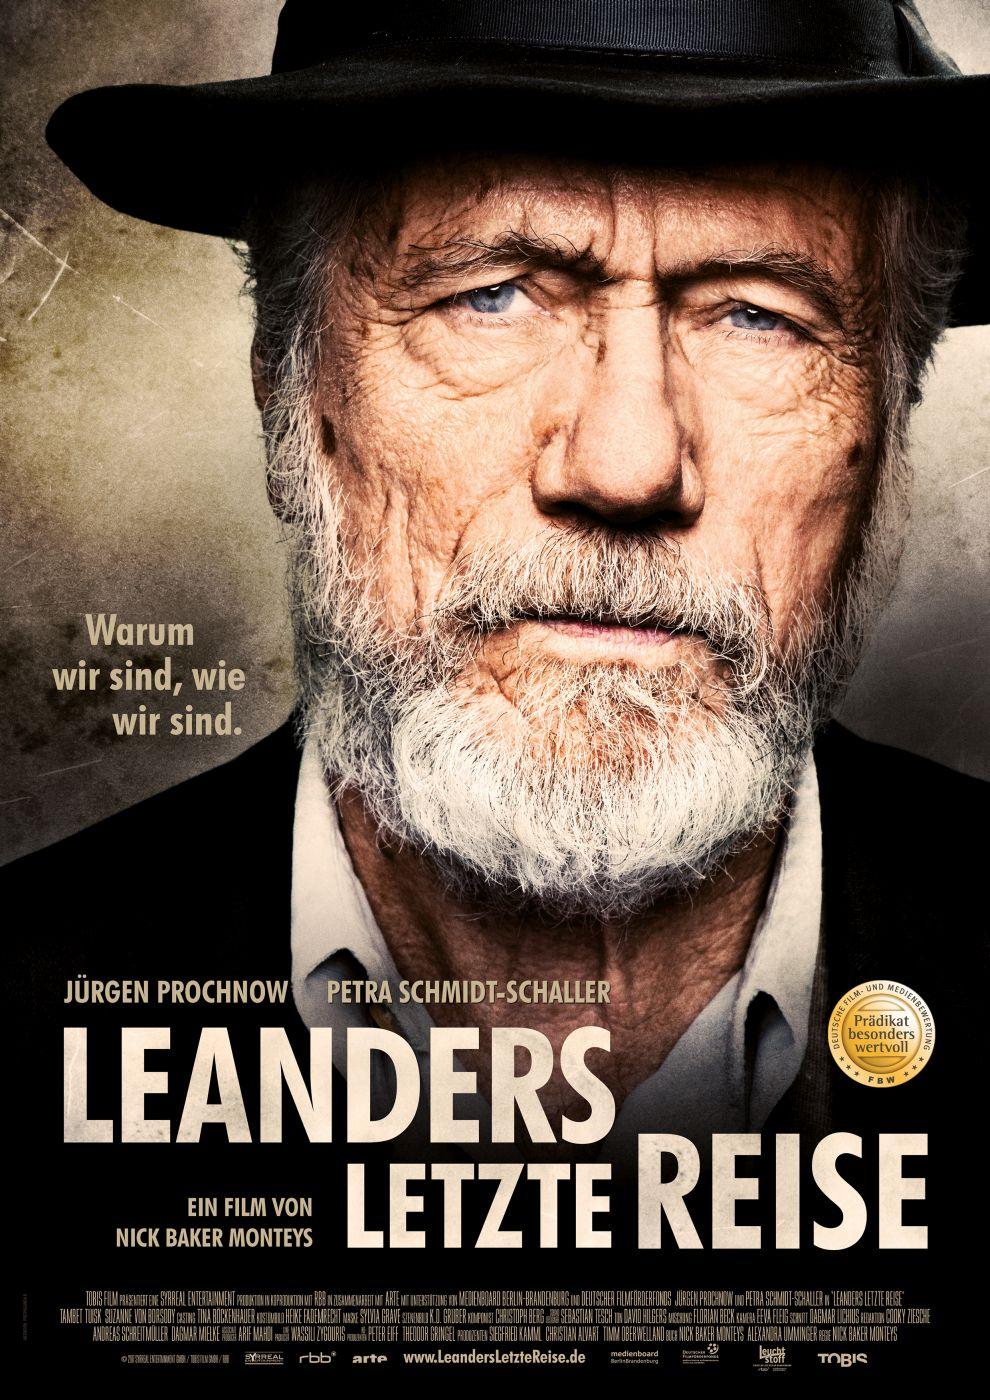 Leanders Letzte Reise Film